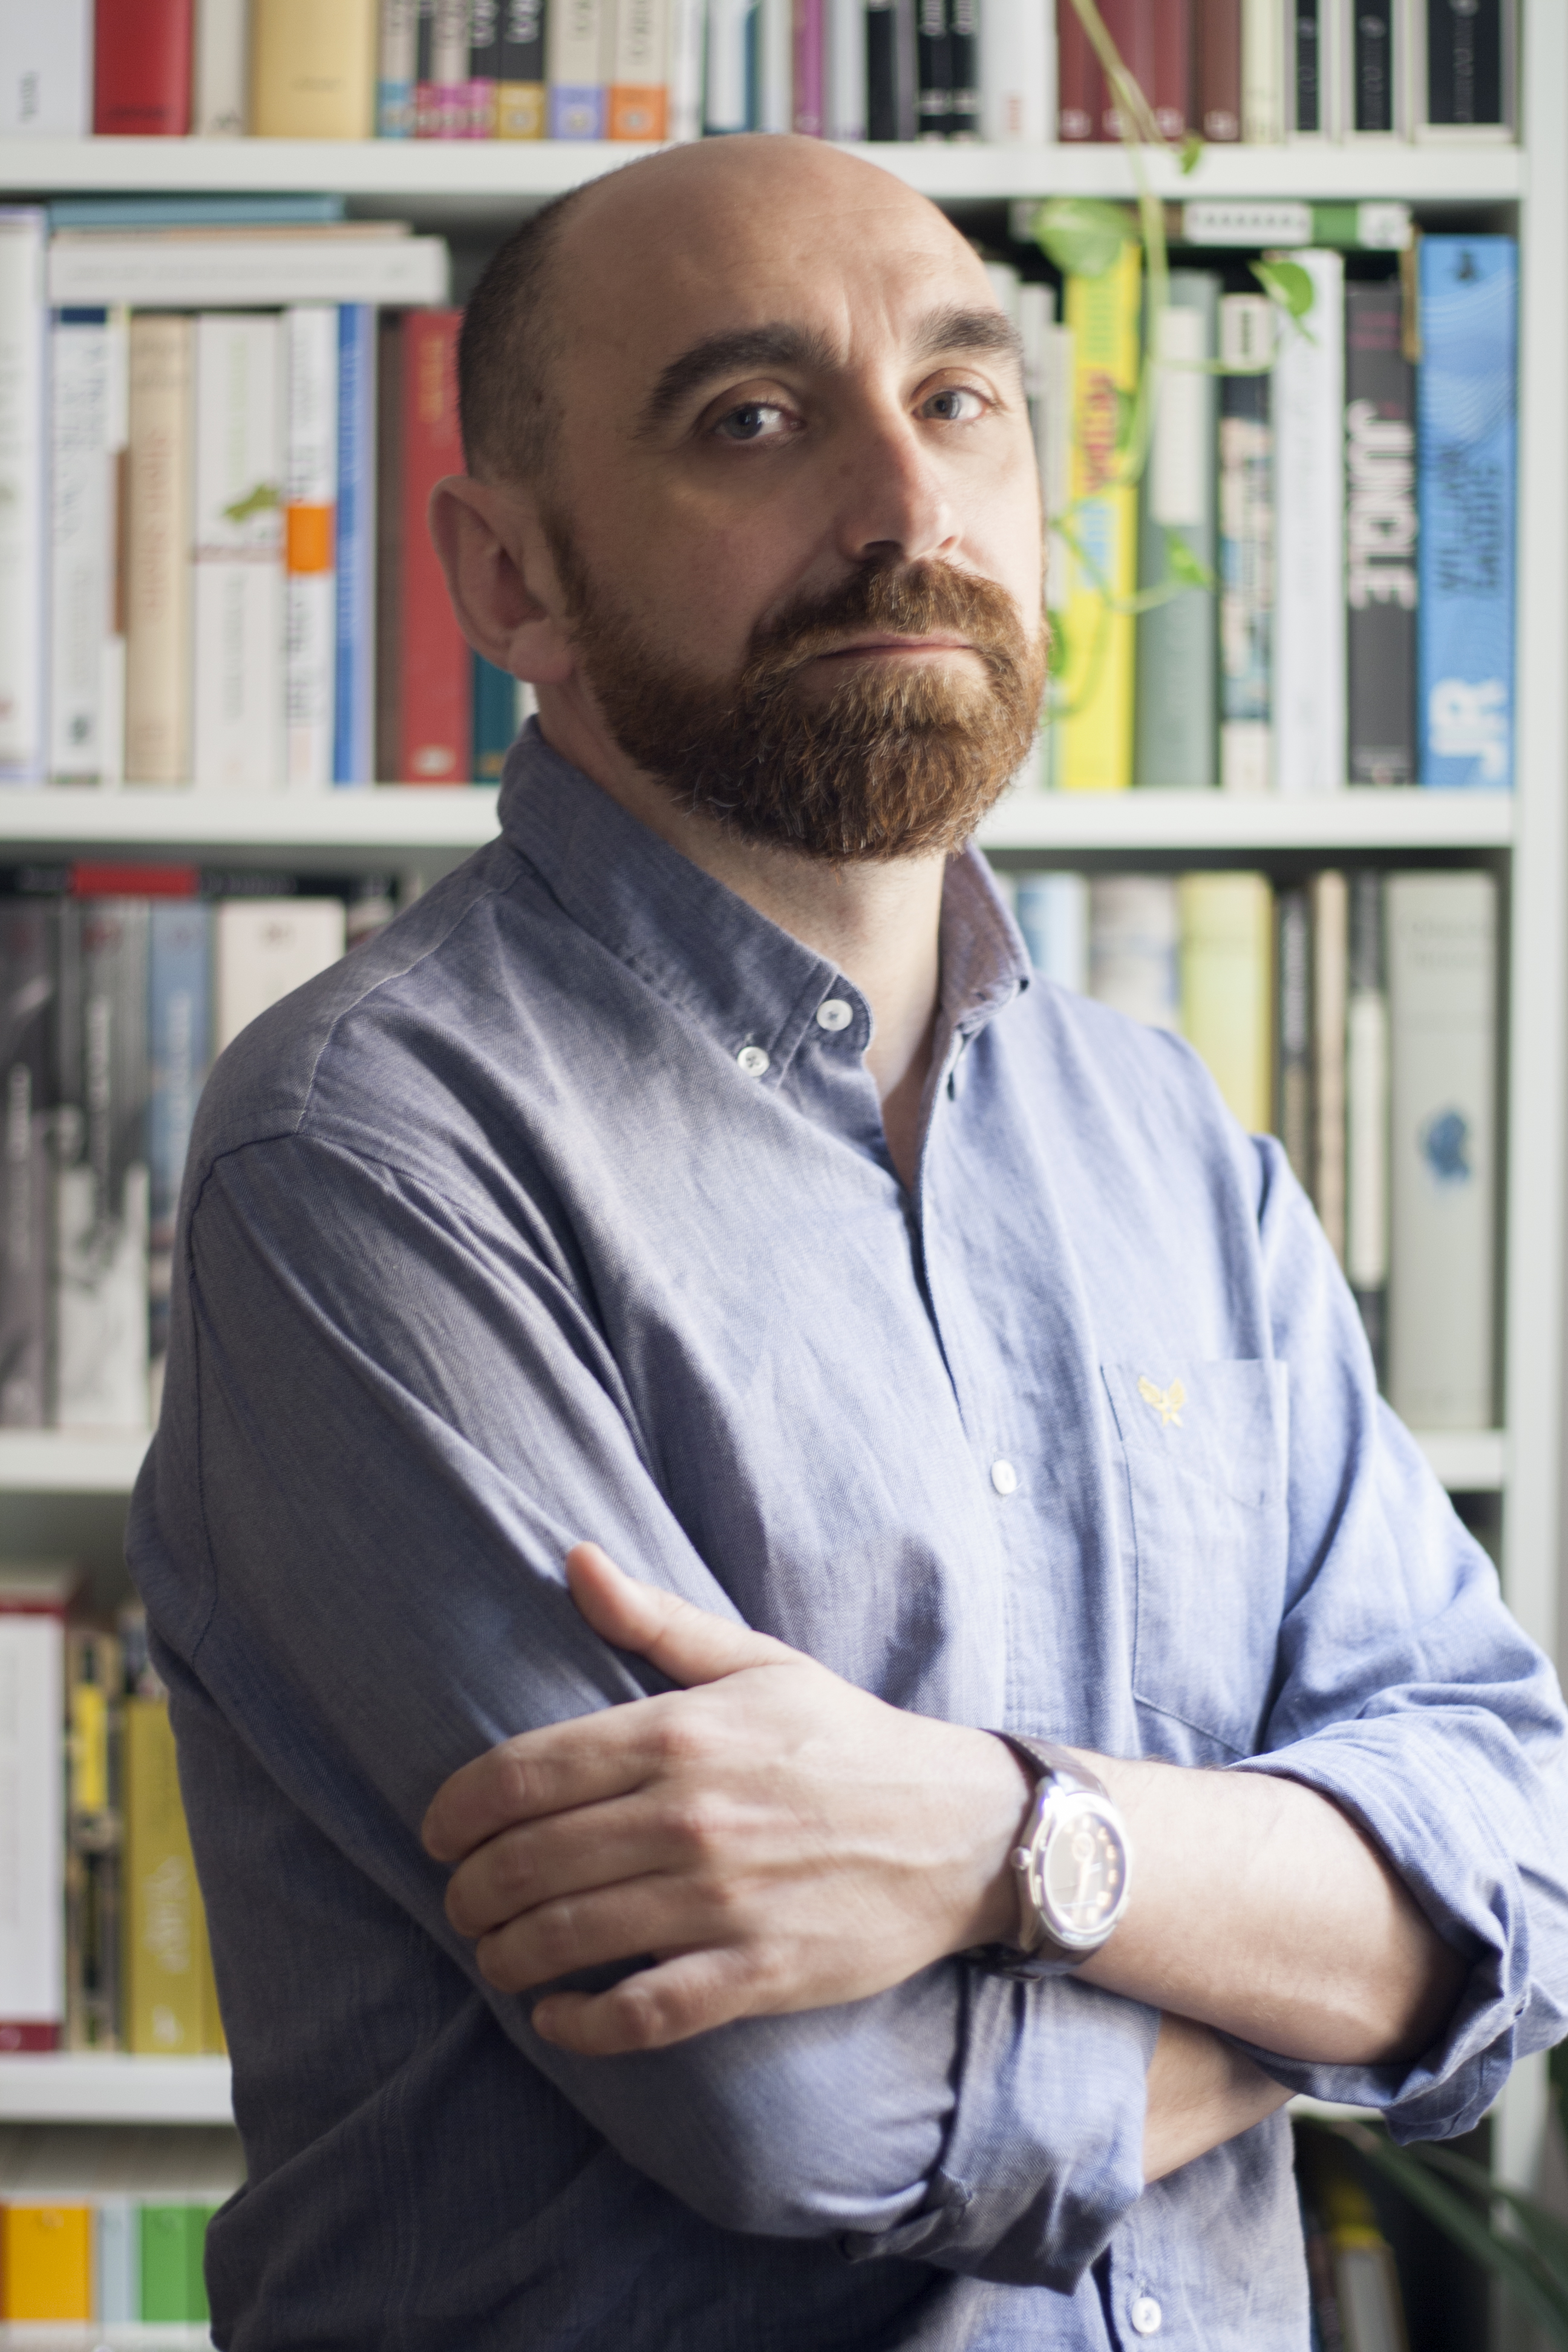 Editoriales españolas independientes: cómo es el trabajo artesanal para conquistar lectores a ambos lados del Atlántico